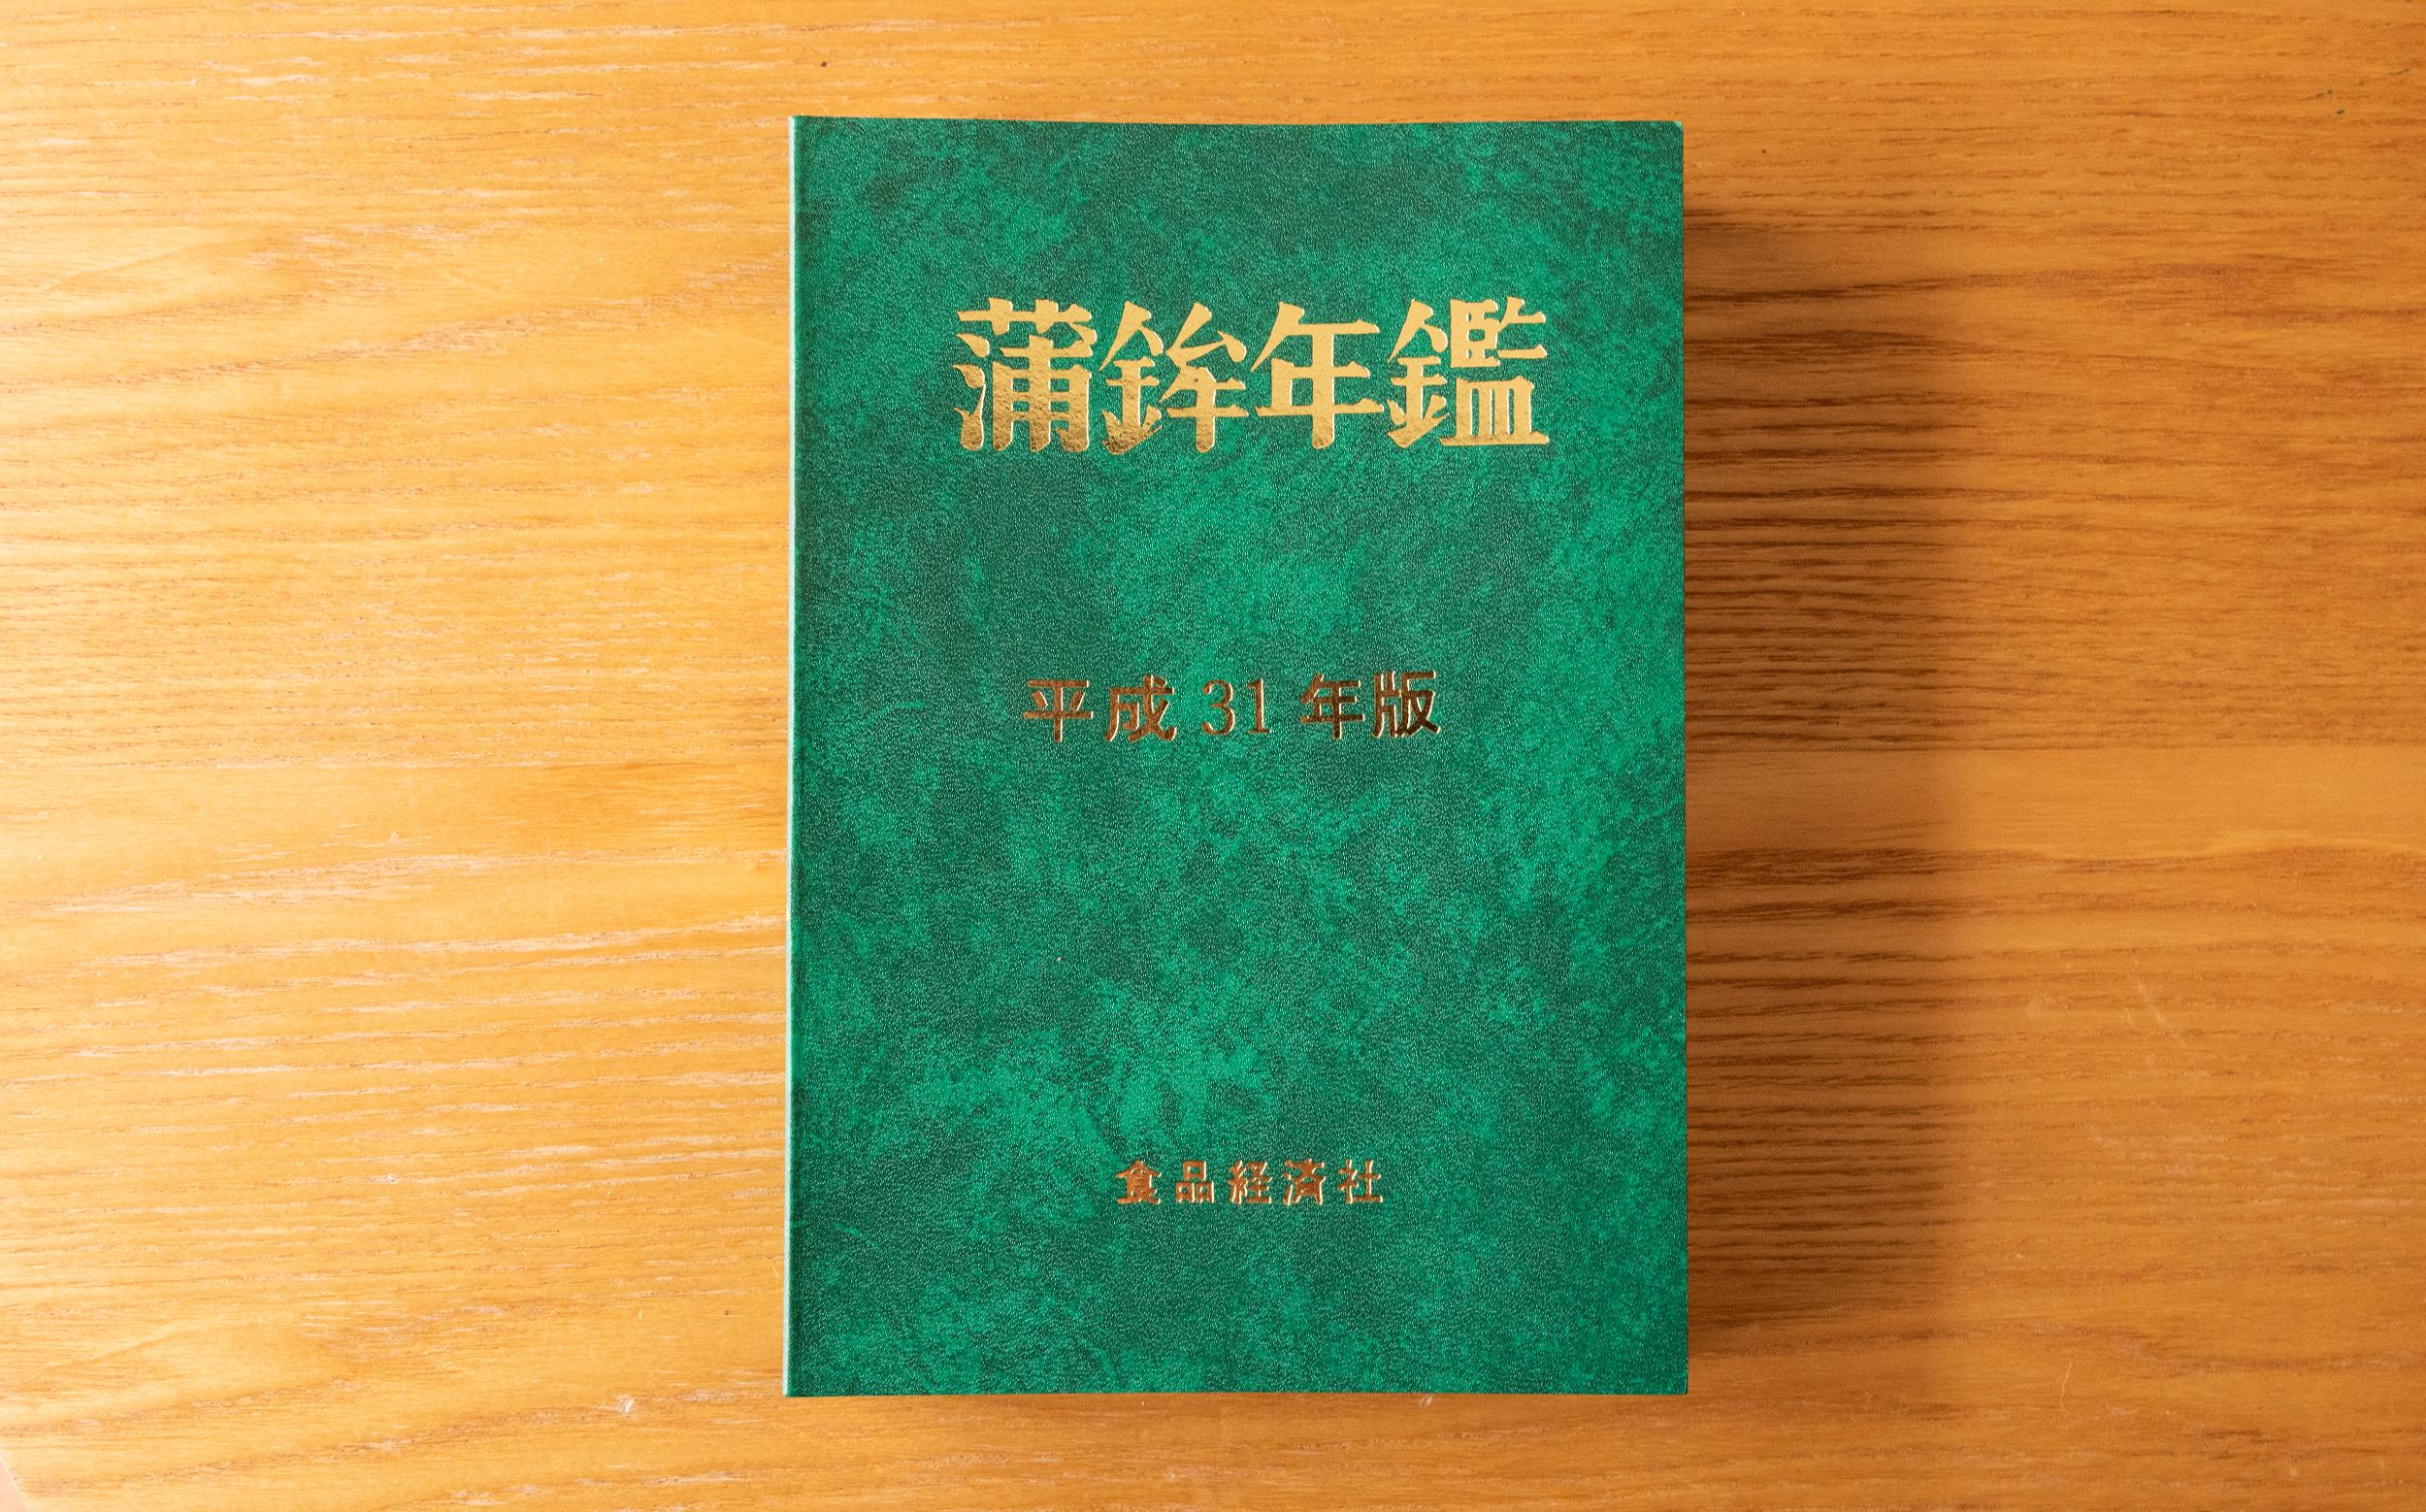 蒲鉾年鑑 平成31年度版。調査に使用したのは昭和50年度版